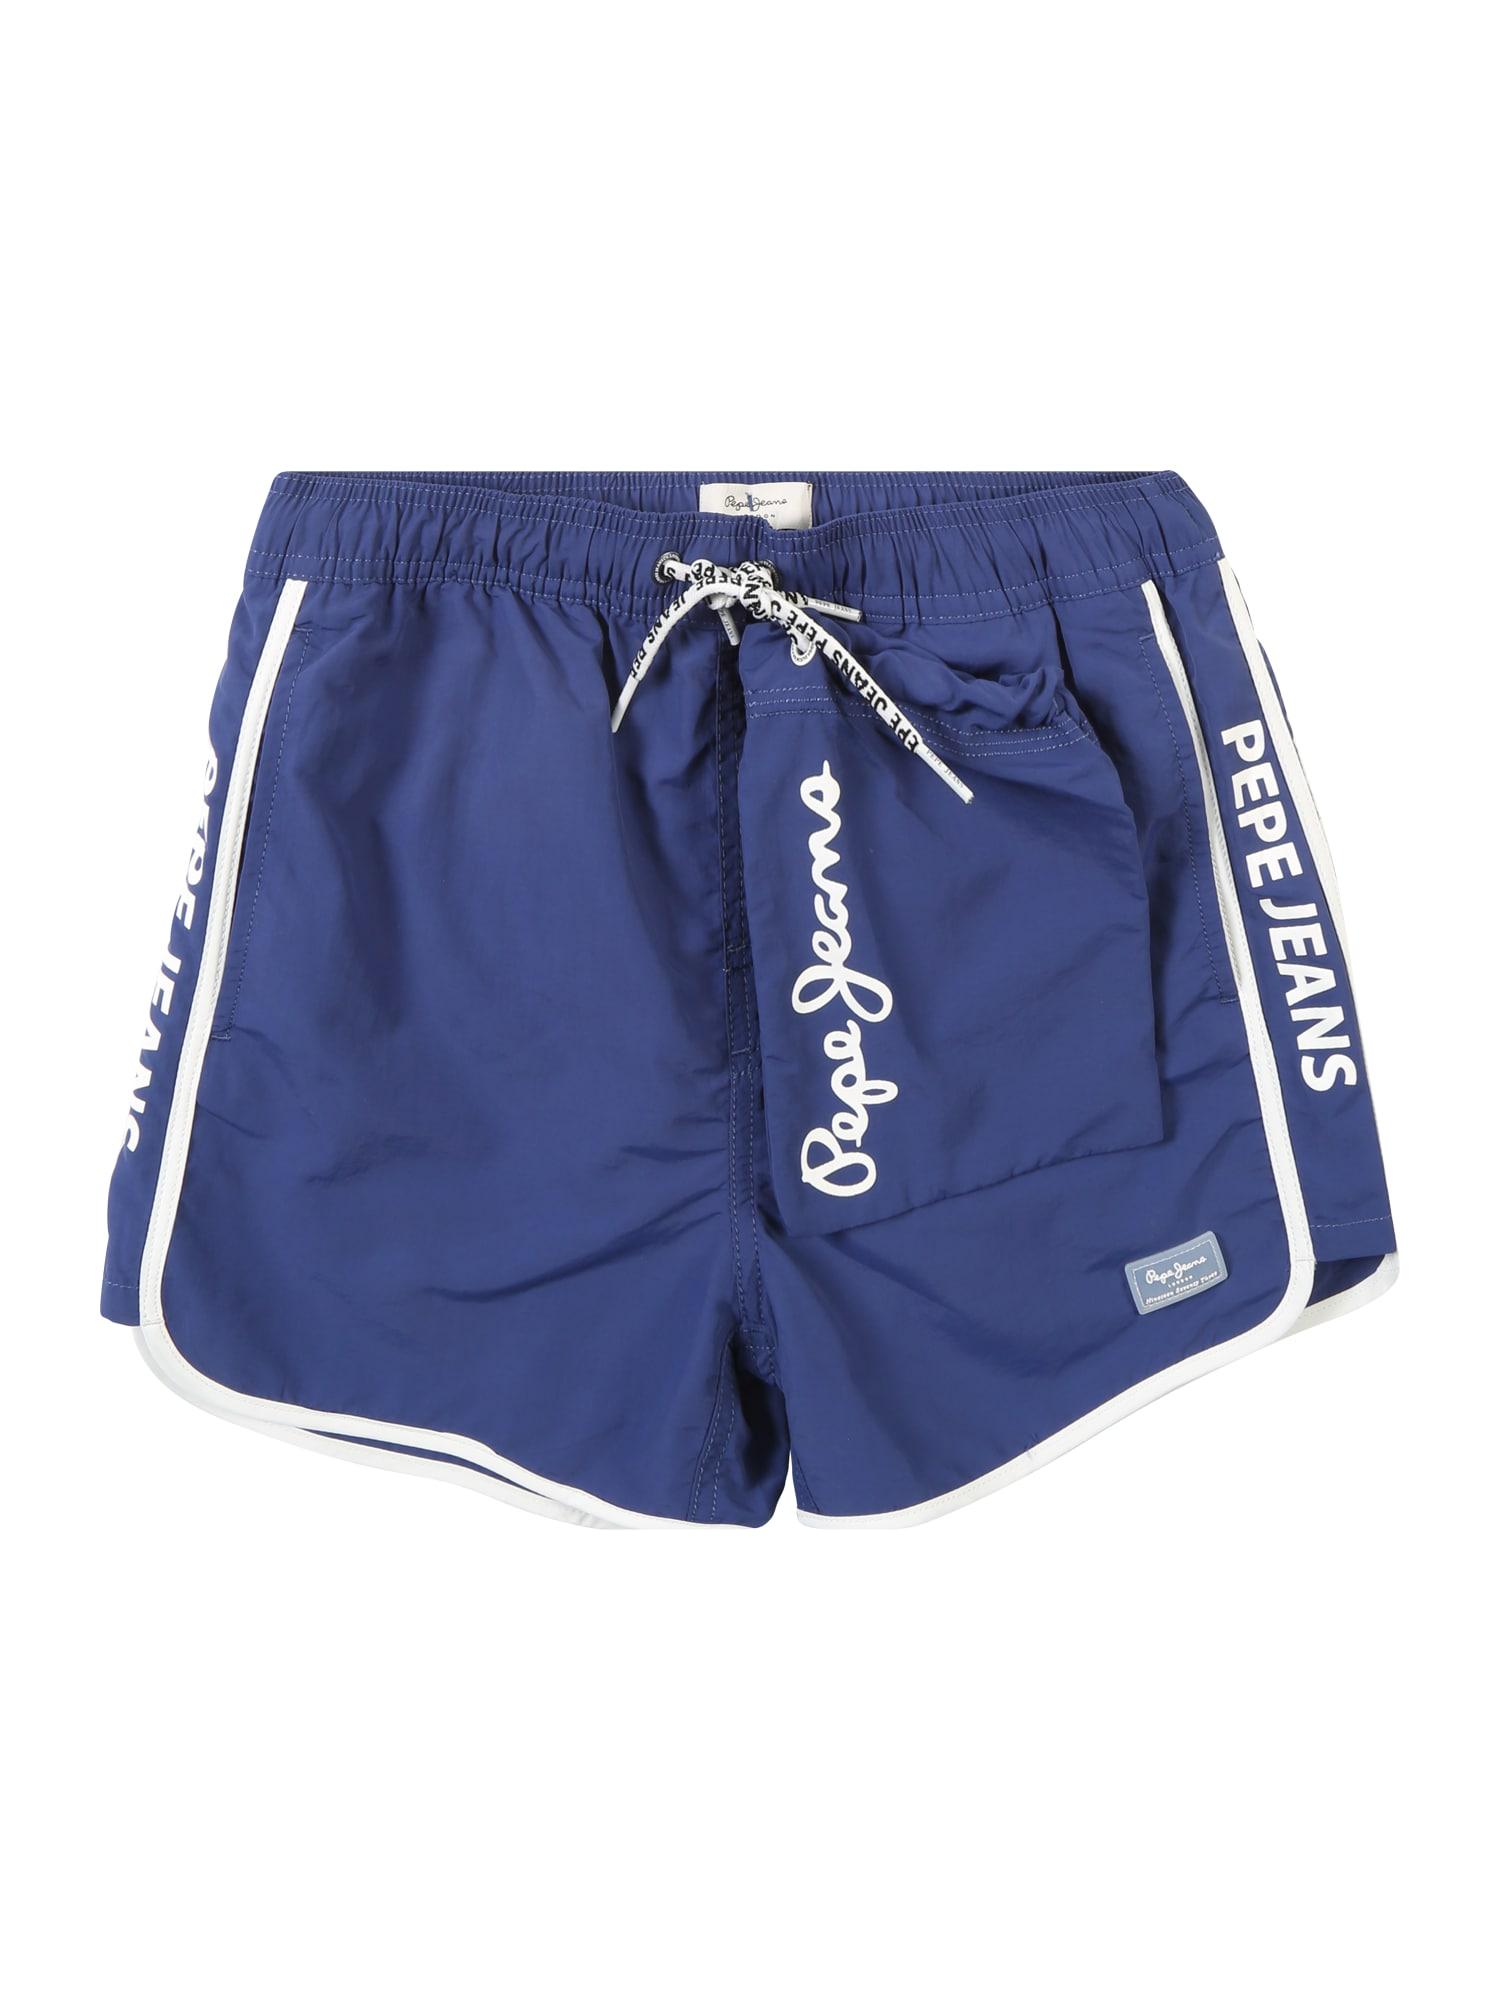 Plavecké šortky Filo modrá Pepe Jeans